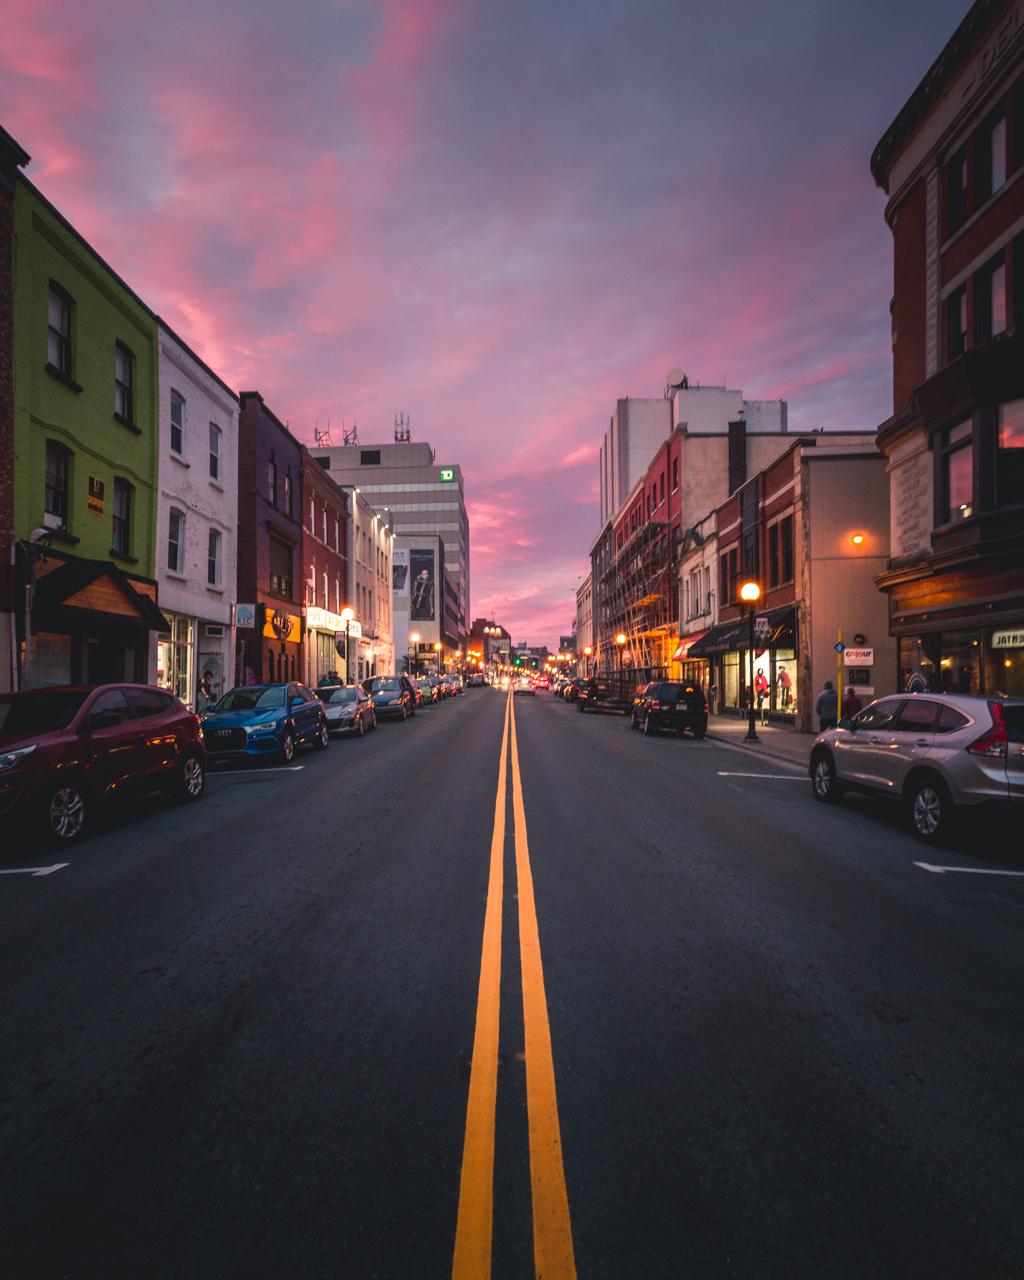 Hướng dẫn làm hồ sơ và thủ tục bảo lãnh du học Mỹ mới nhất 2019